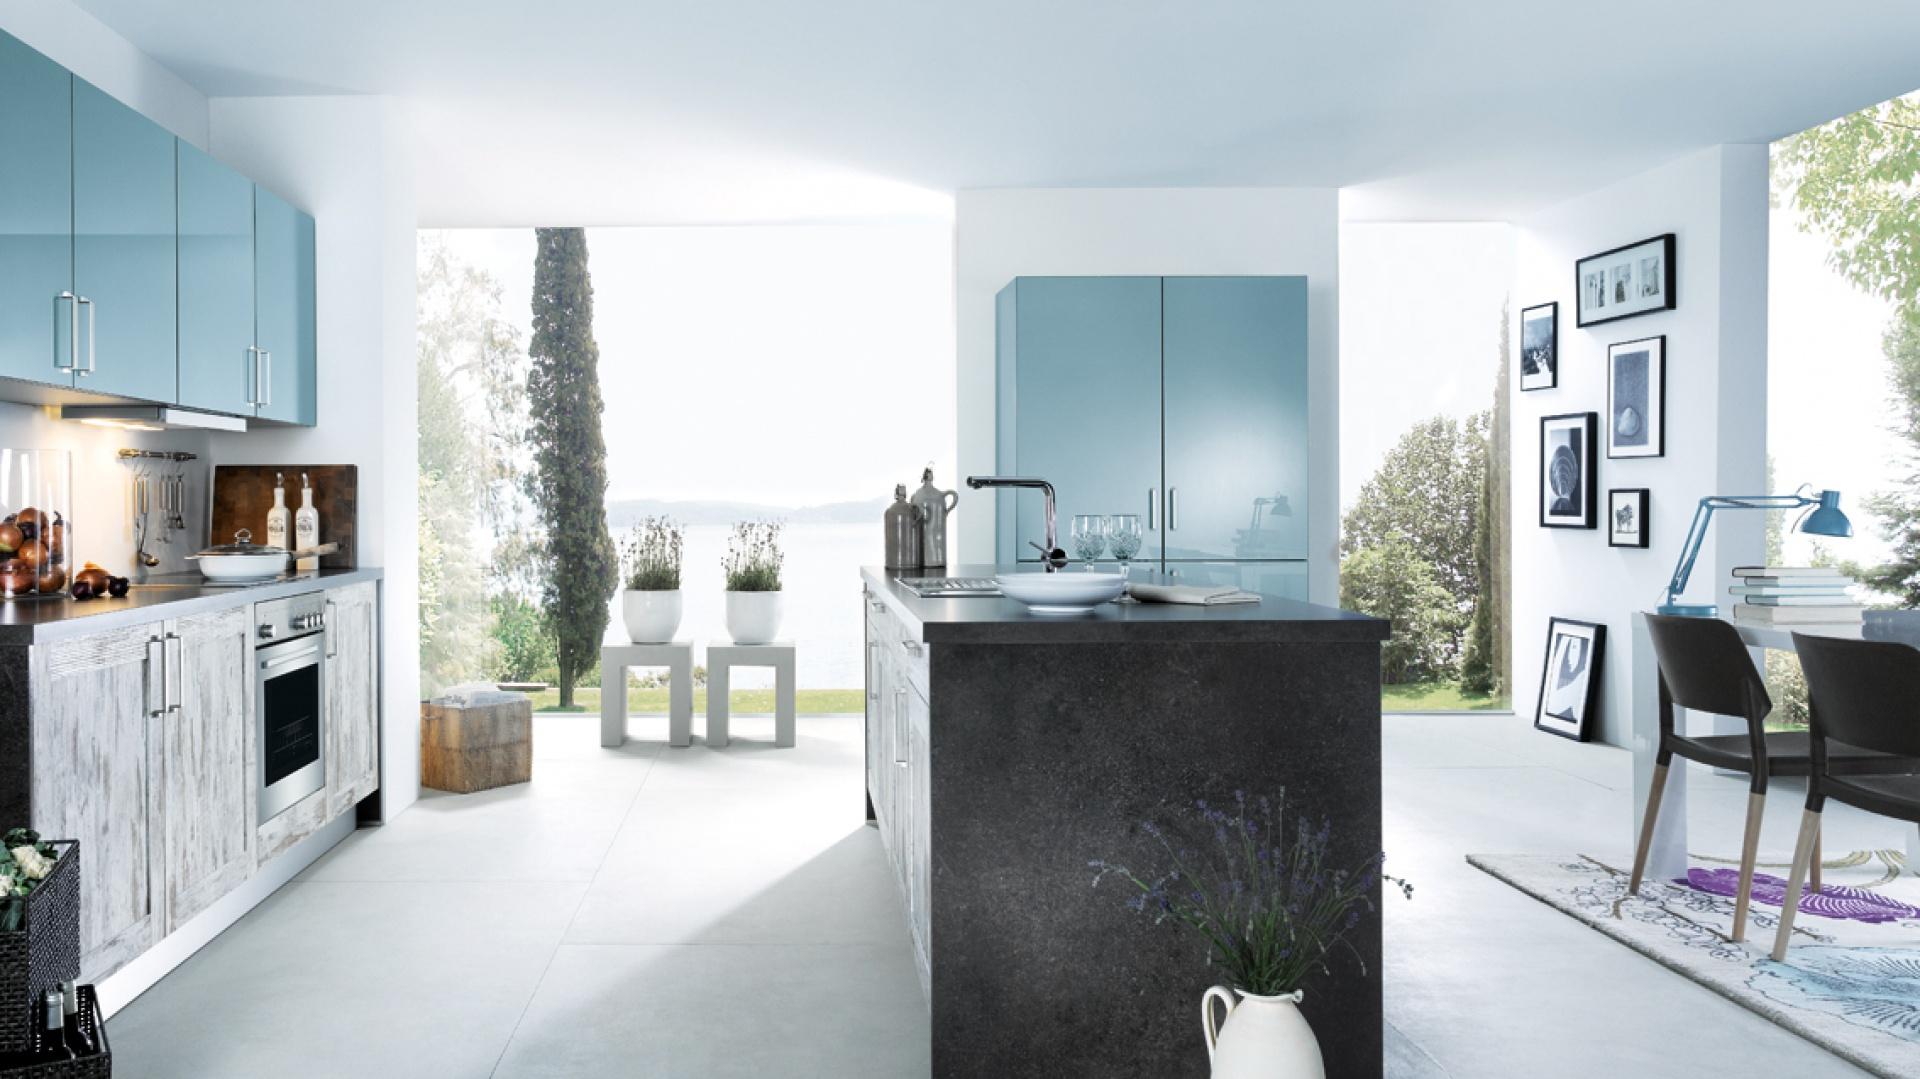 efektowne po czenie 20 pomys w na kuchni z wysp. Black Bedroom Furniture Sets. Home Design Ideas